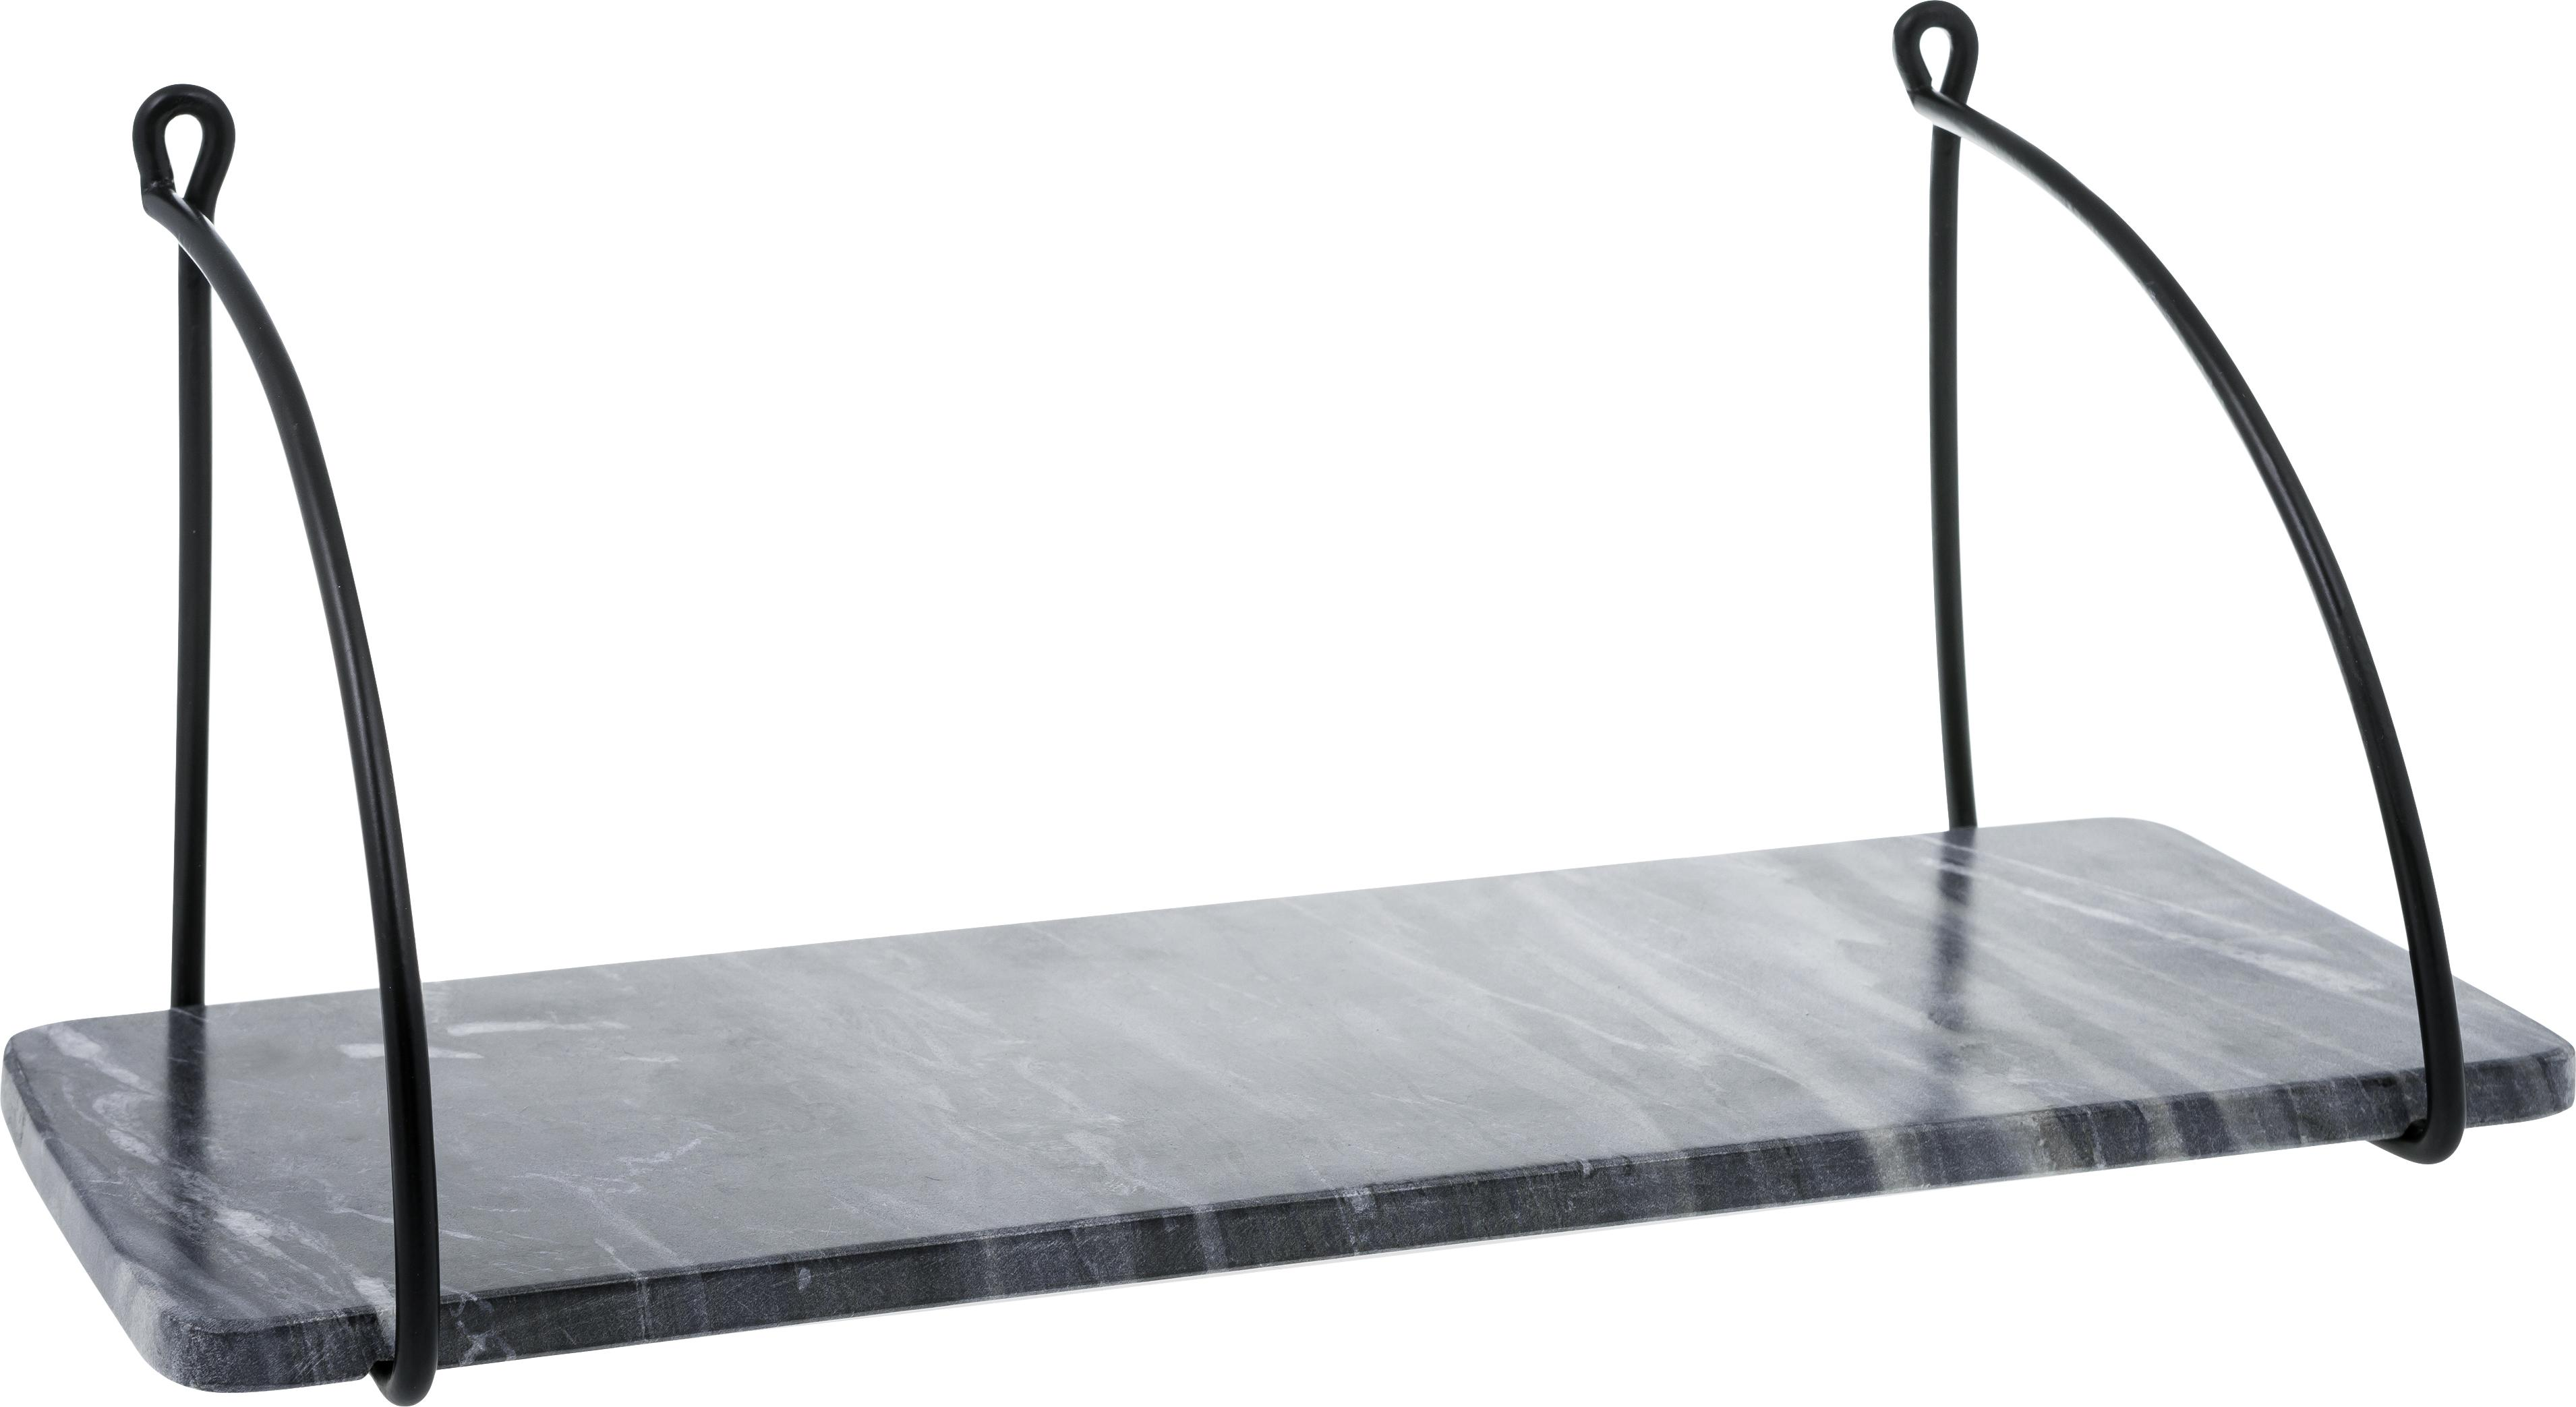 Marmor-Wandregal Porter, Regalboden: Marmor, Wandhalterung: Schwarz Regal: Grau, marmoriert, 40 x 18 cm